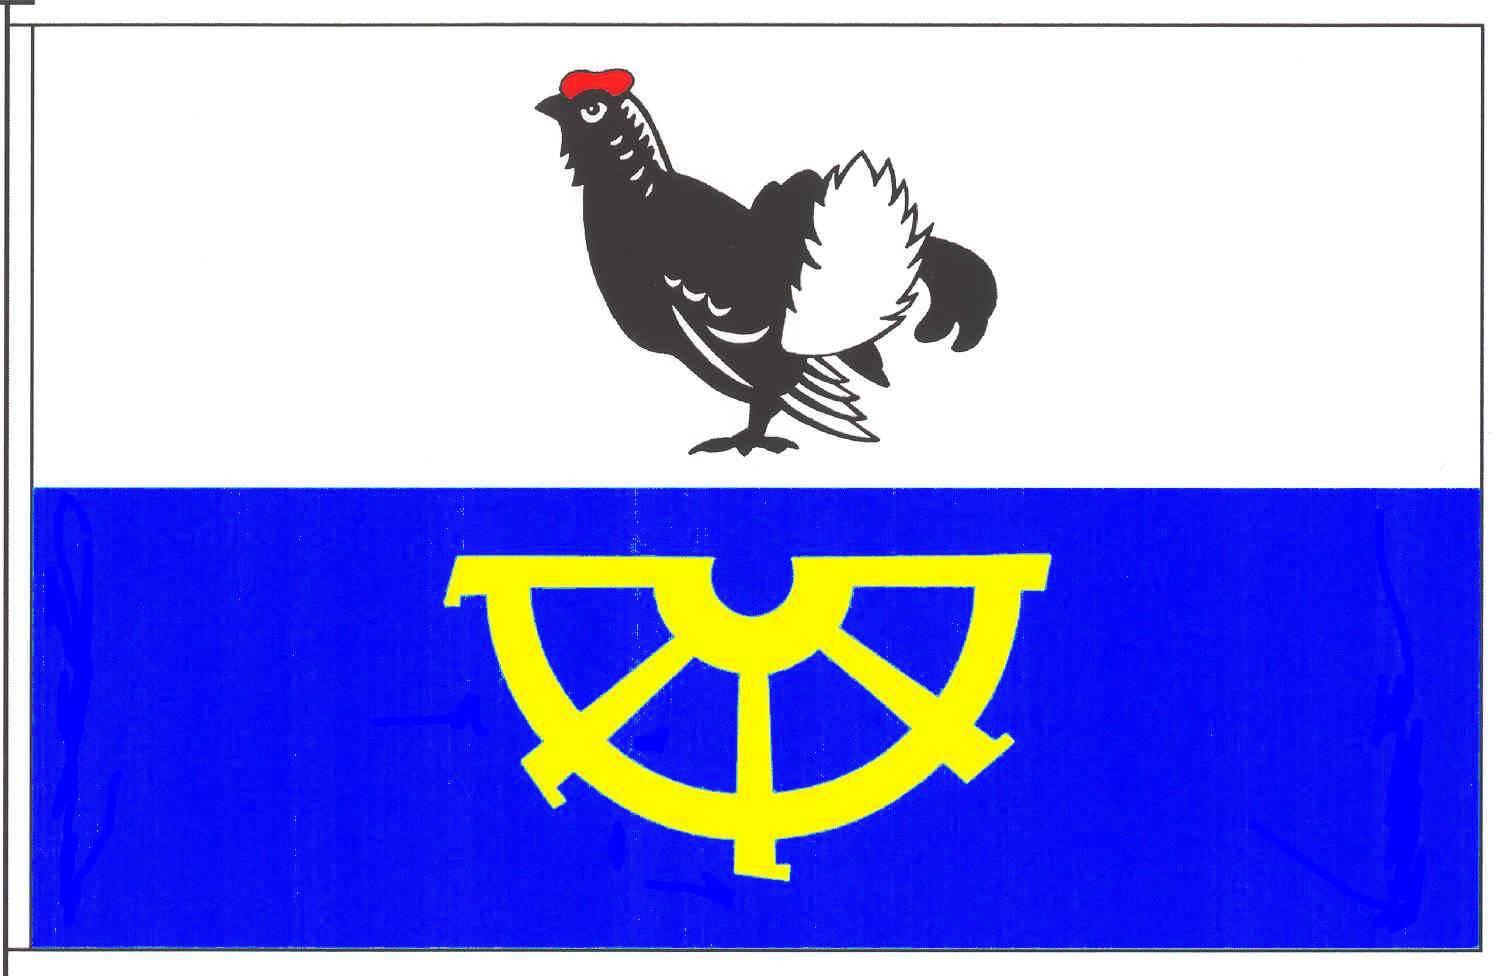 Flagge GemeindeOwschlag, Kreis Rendsburg-Eckernförde